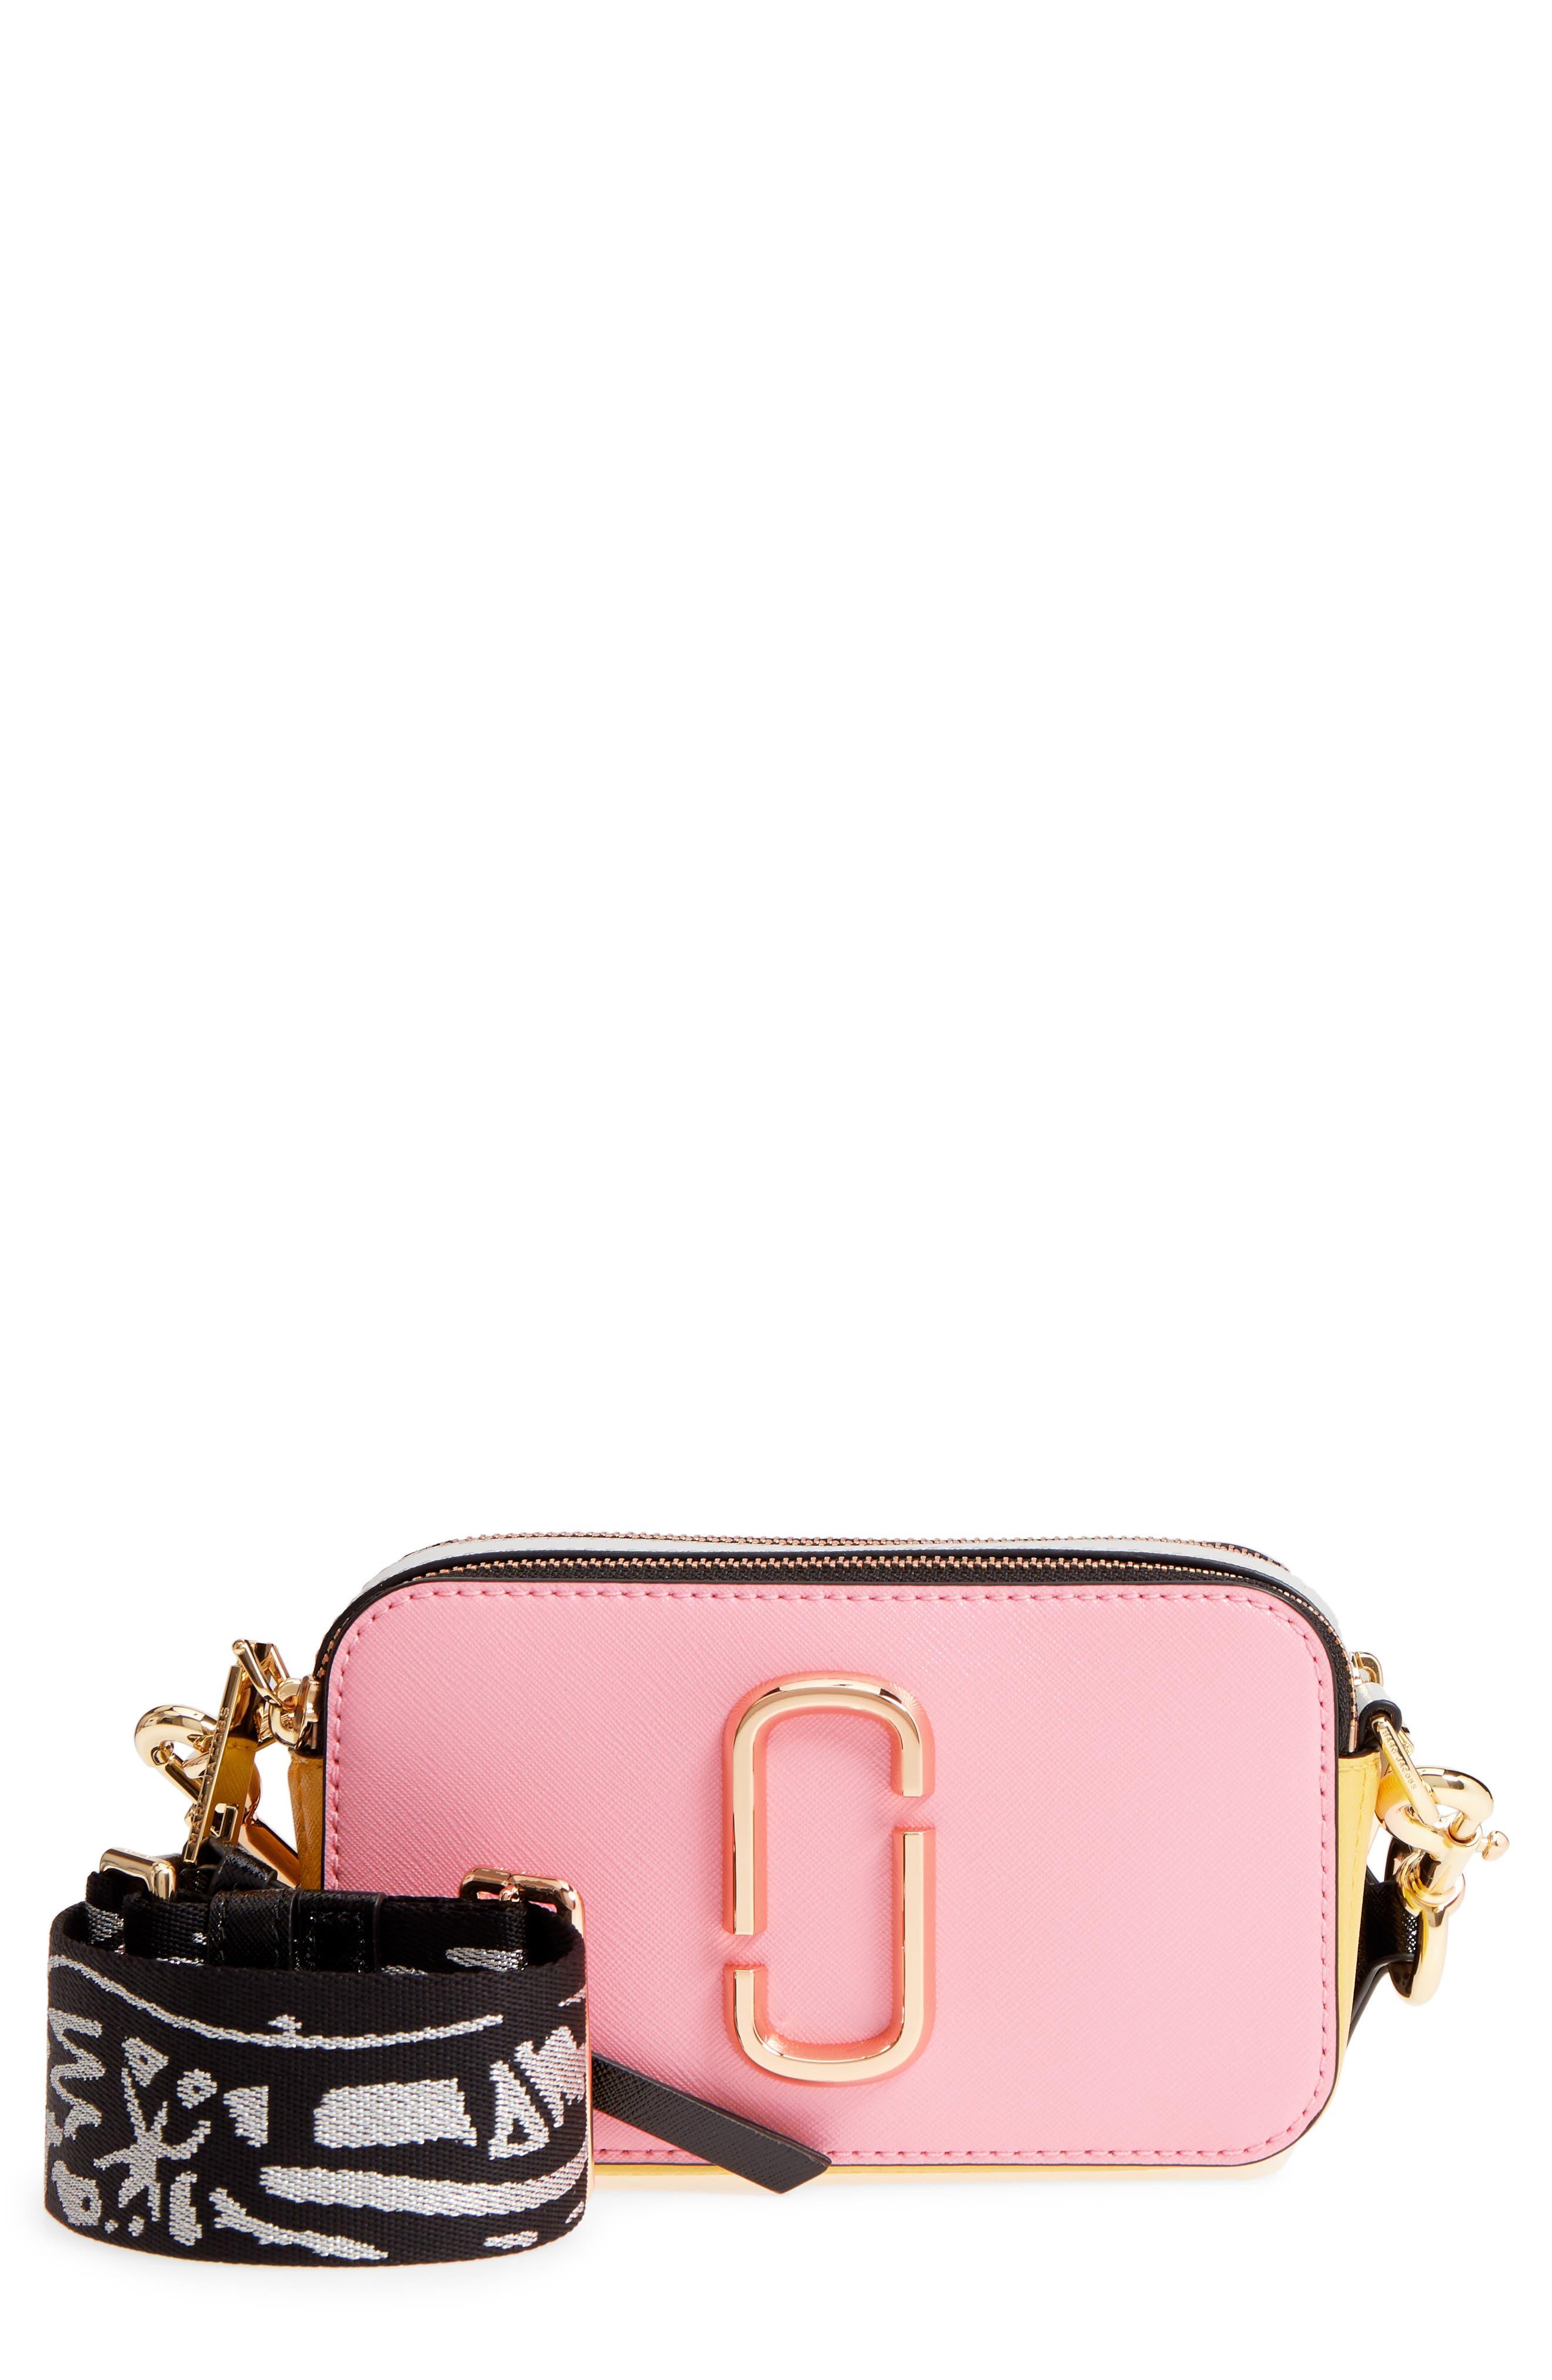 Snapshot Crossbody Bag,                             Main thumbnail 1, color,                             Baby Pink Multi